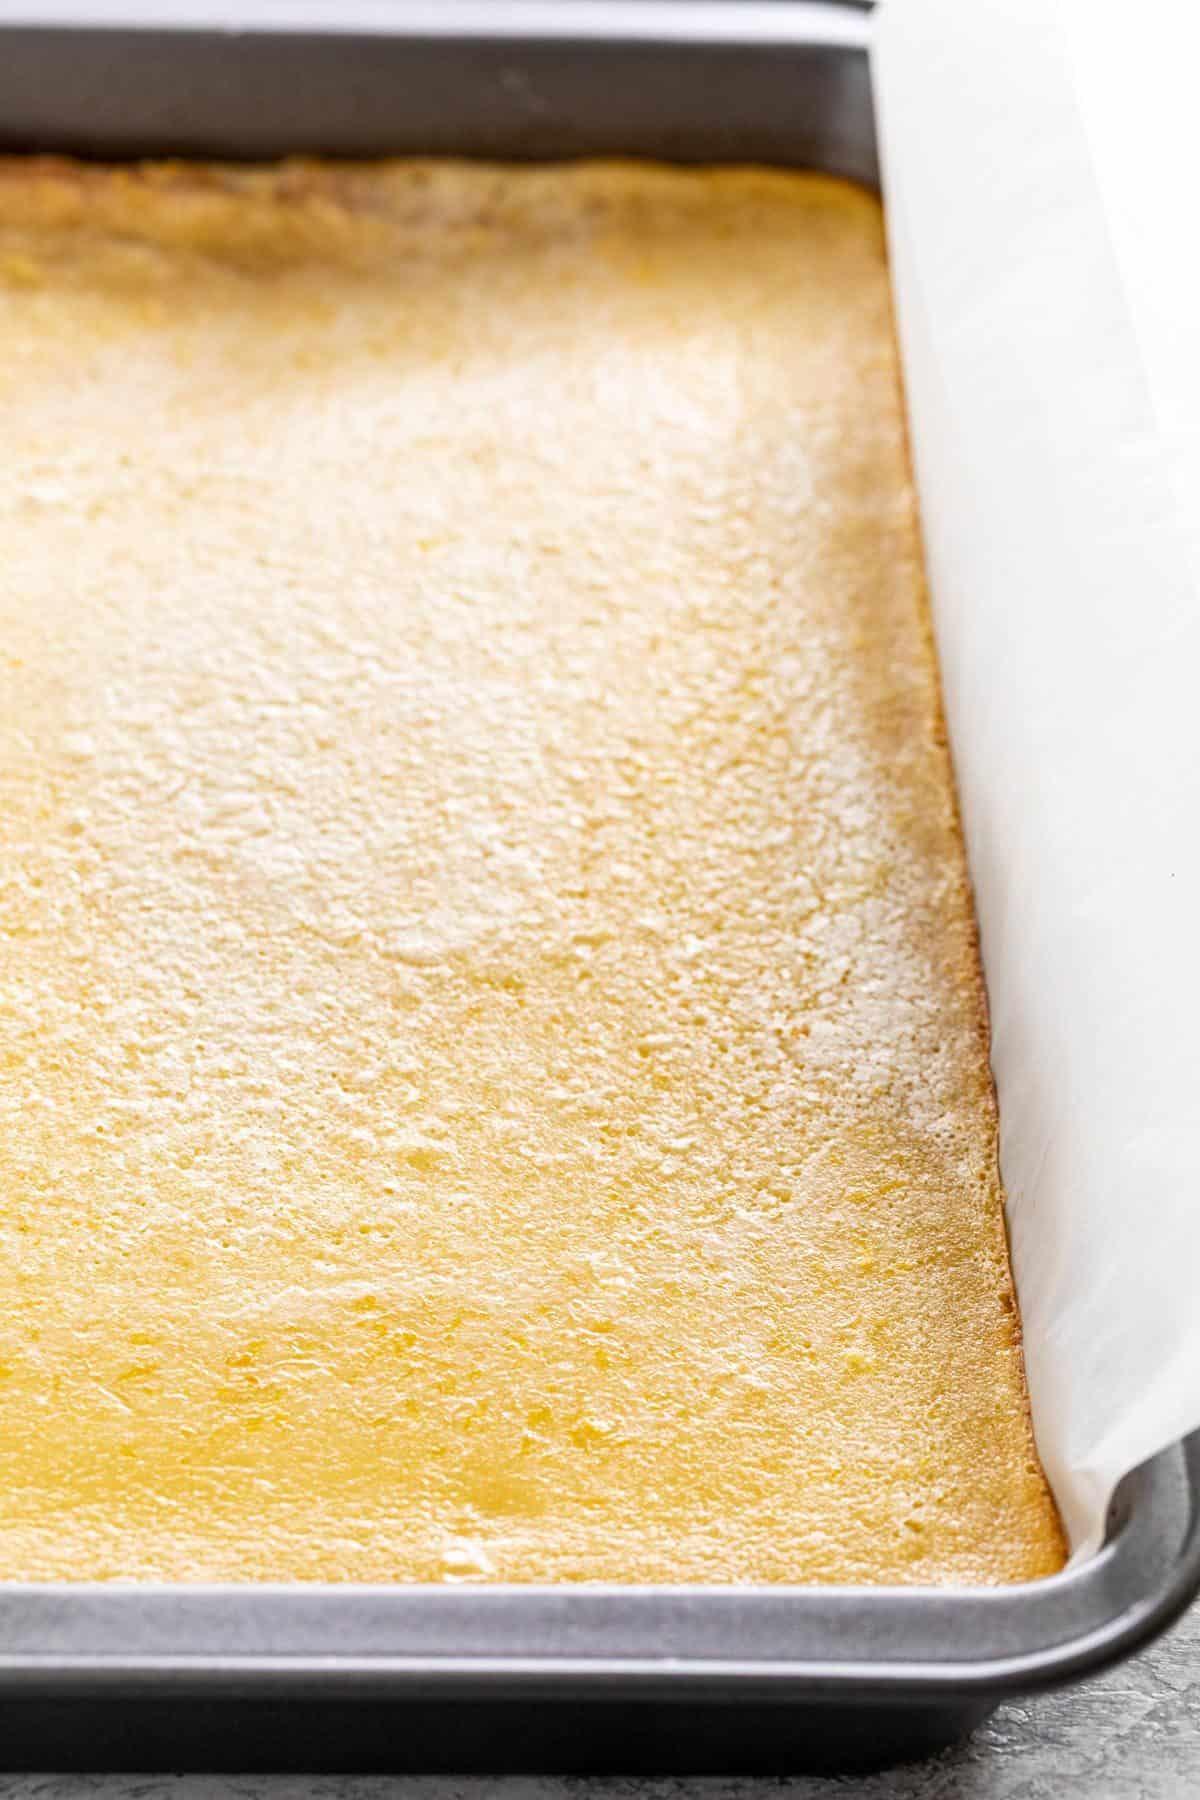 baked lemon filling